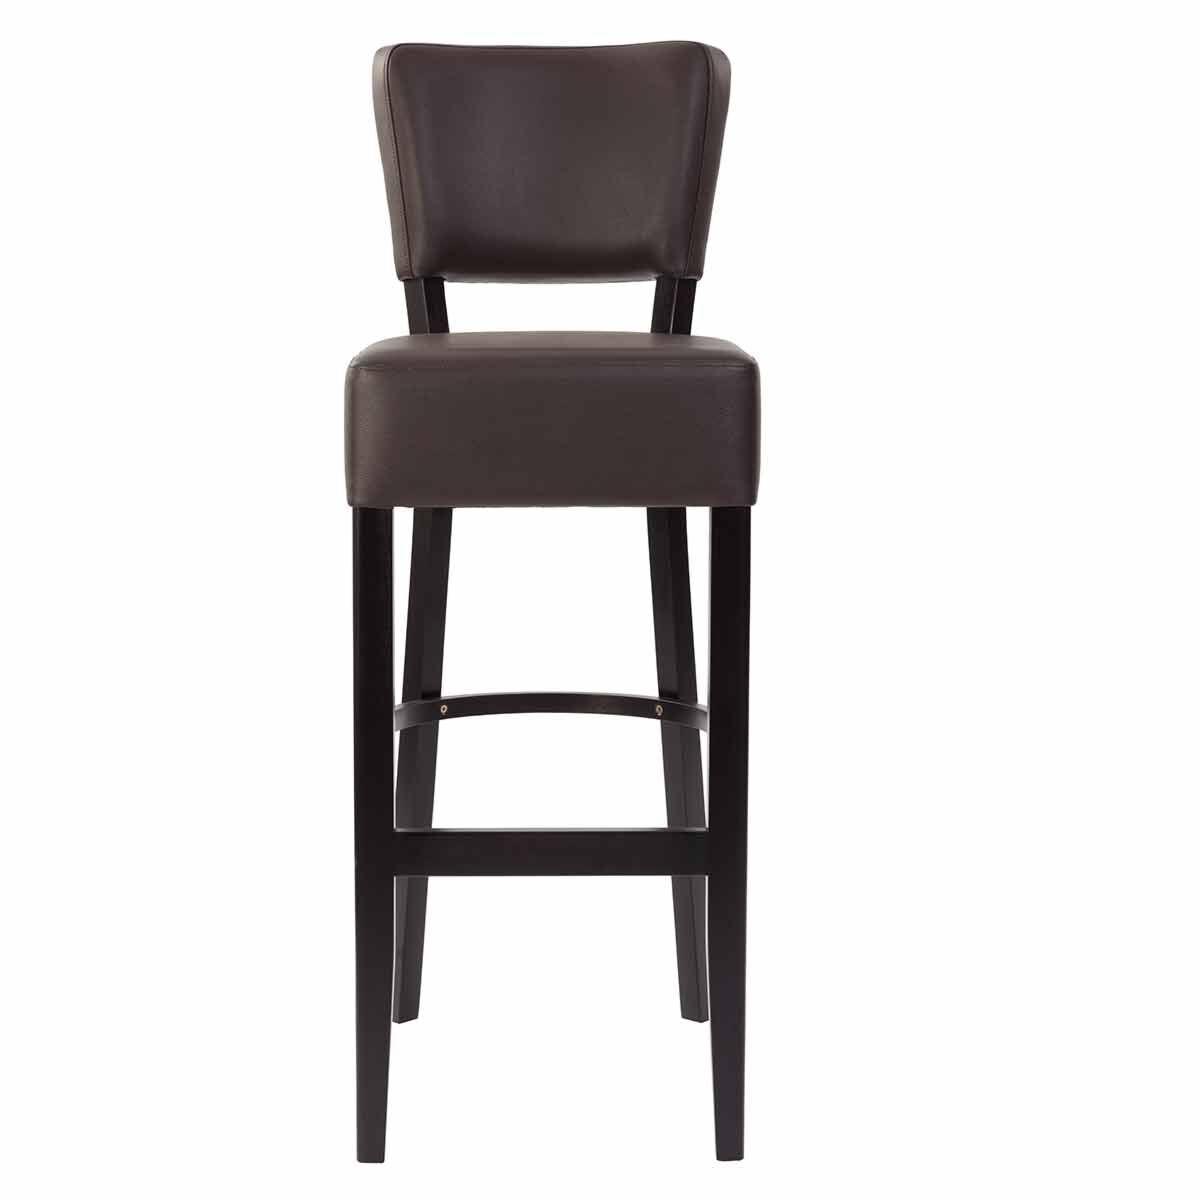 Tabilo Sena Faux Leather Bar Chair Brown